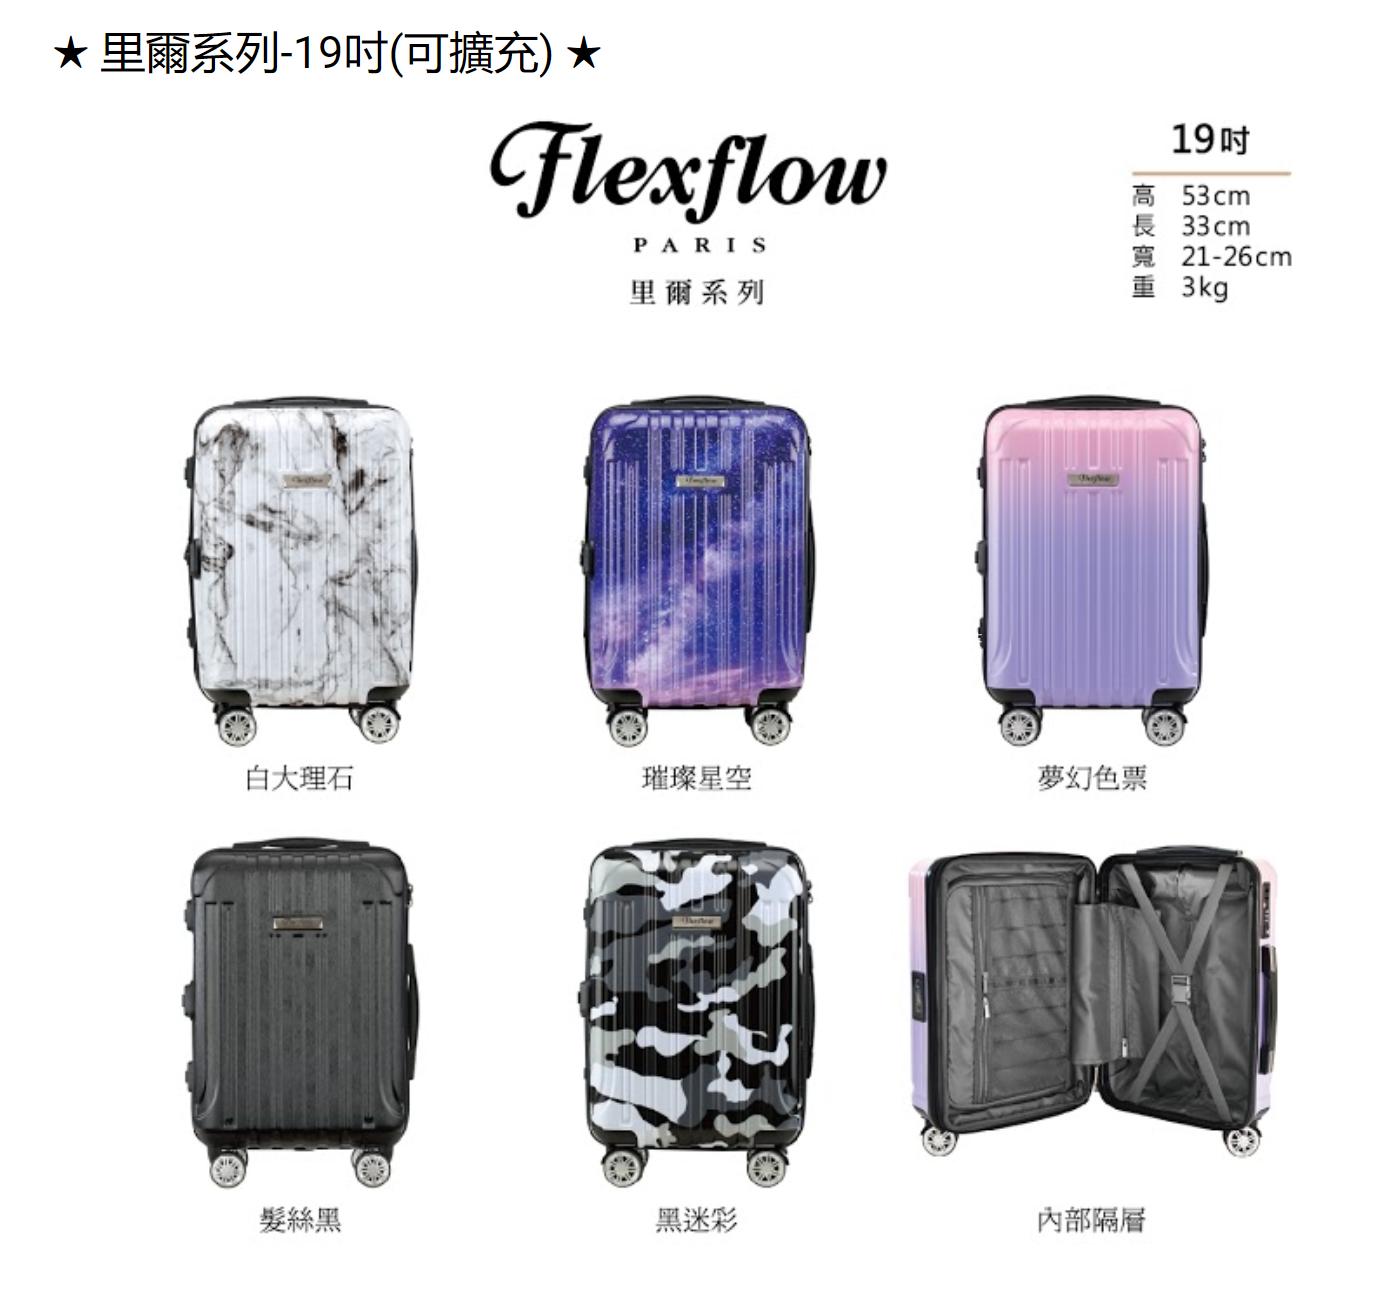 團購最低價!Flex Flow 智能測重旅行箱,自帶行李秤不怕超重好安心(8/14準時收單)